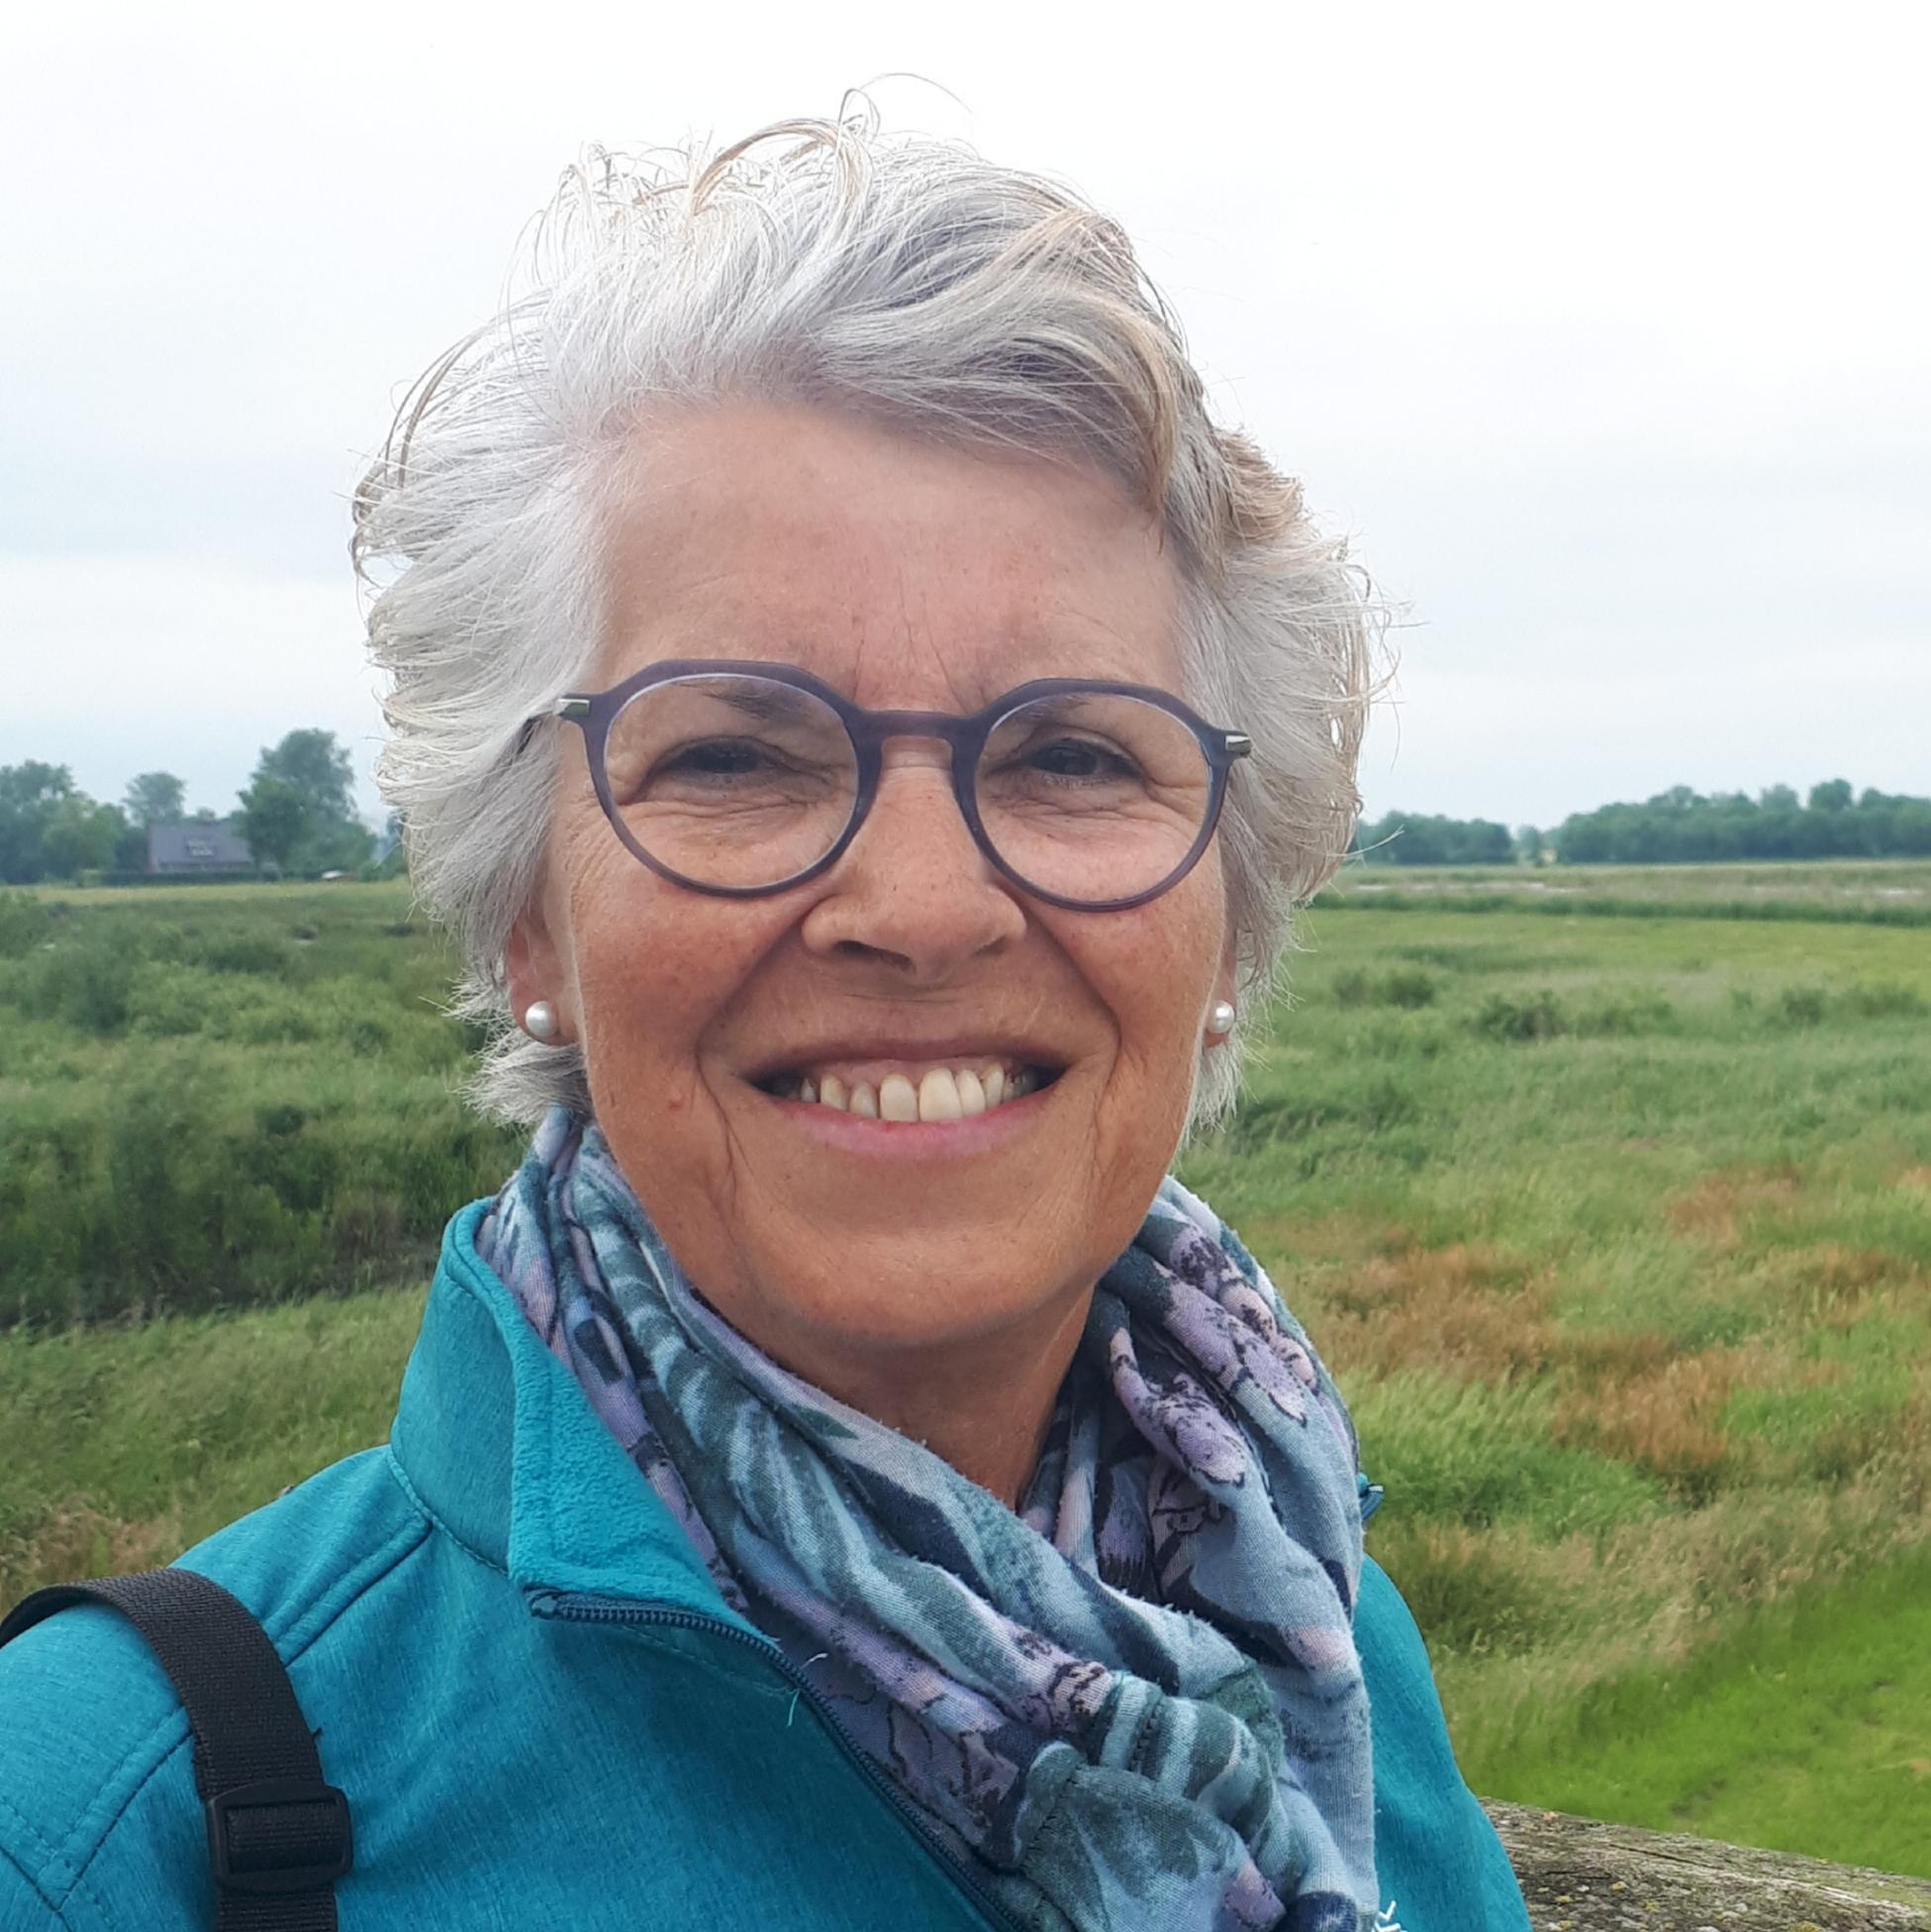 Corrie van den Berg